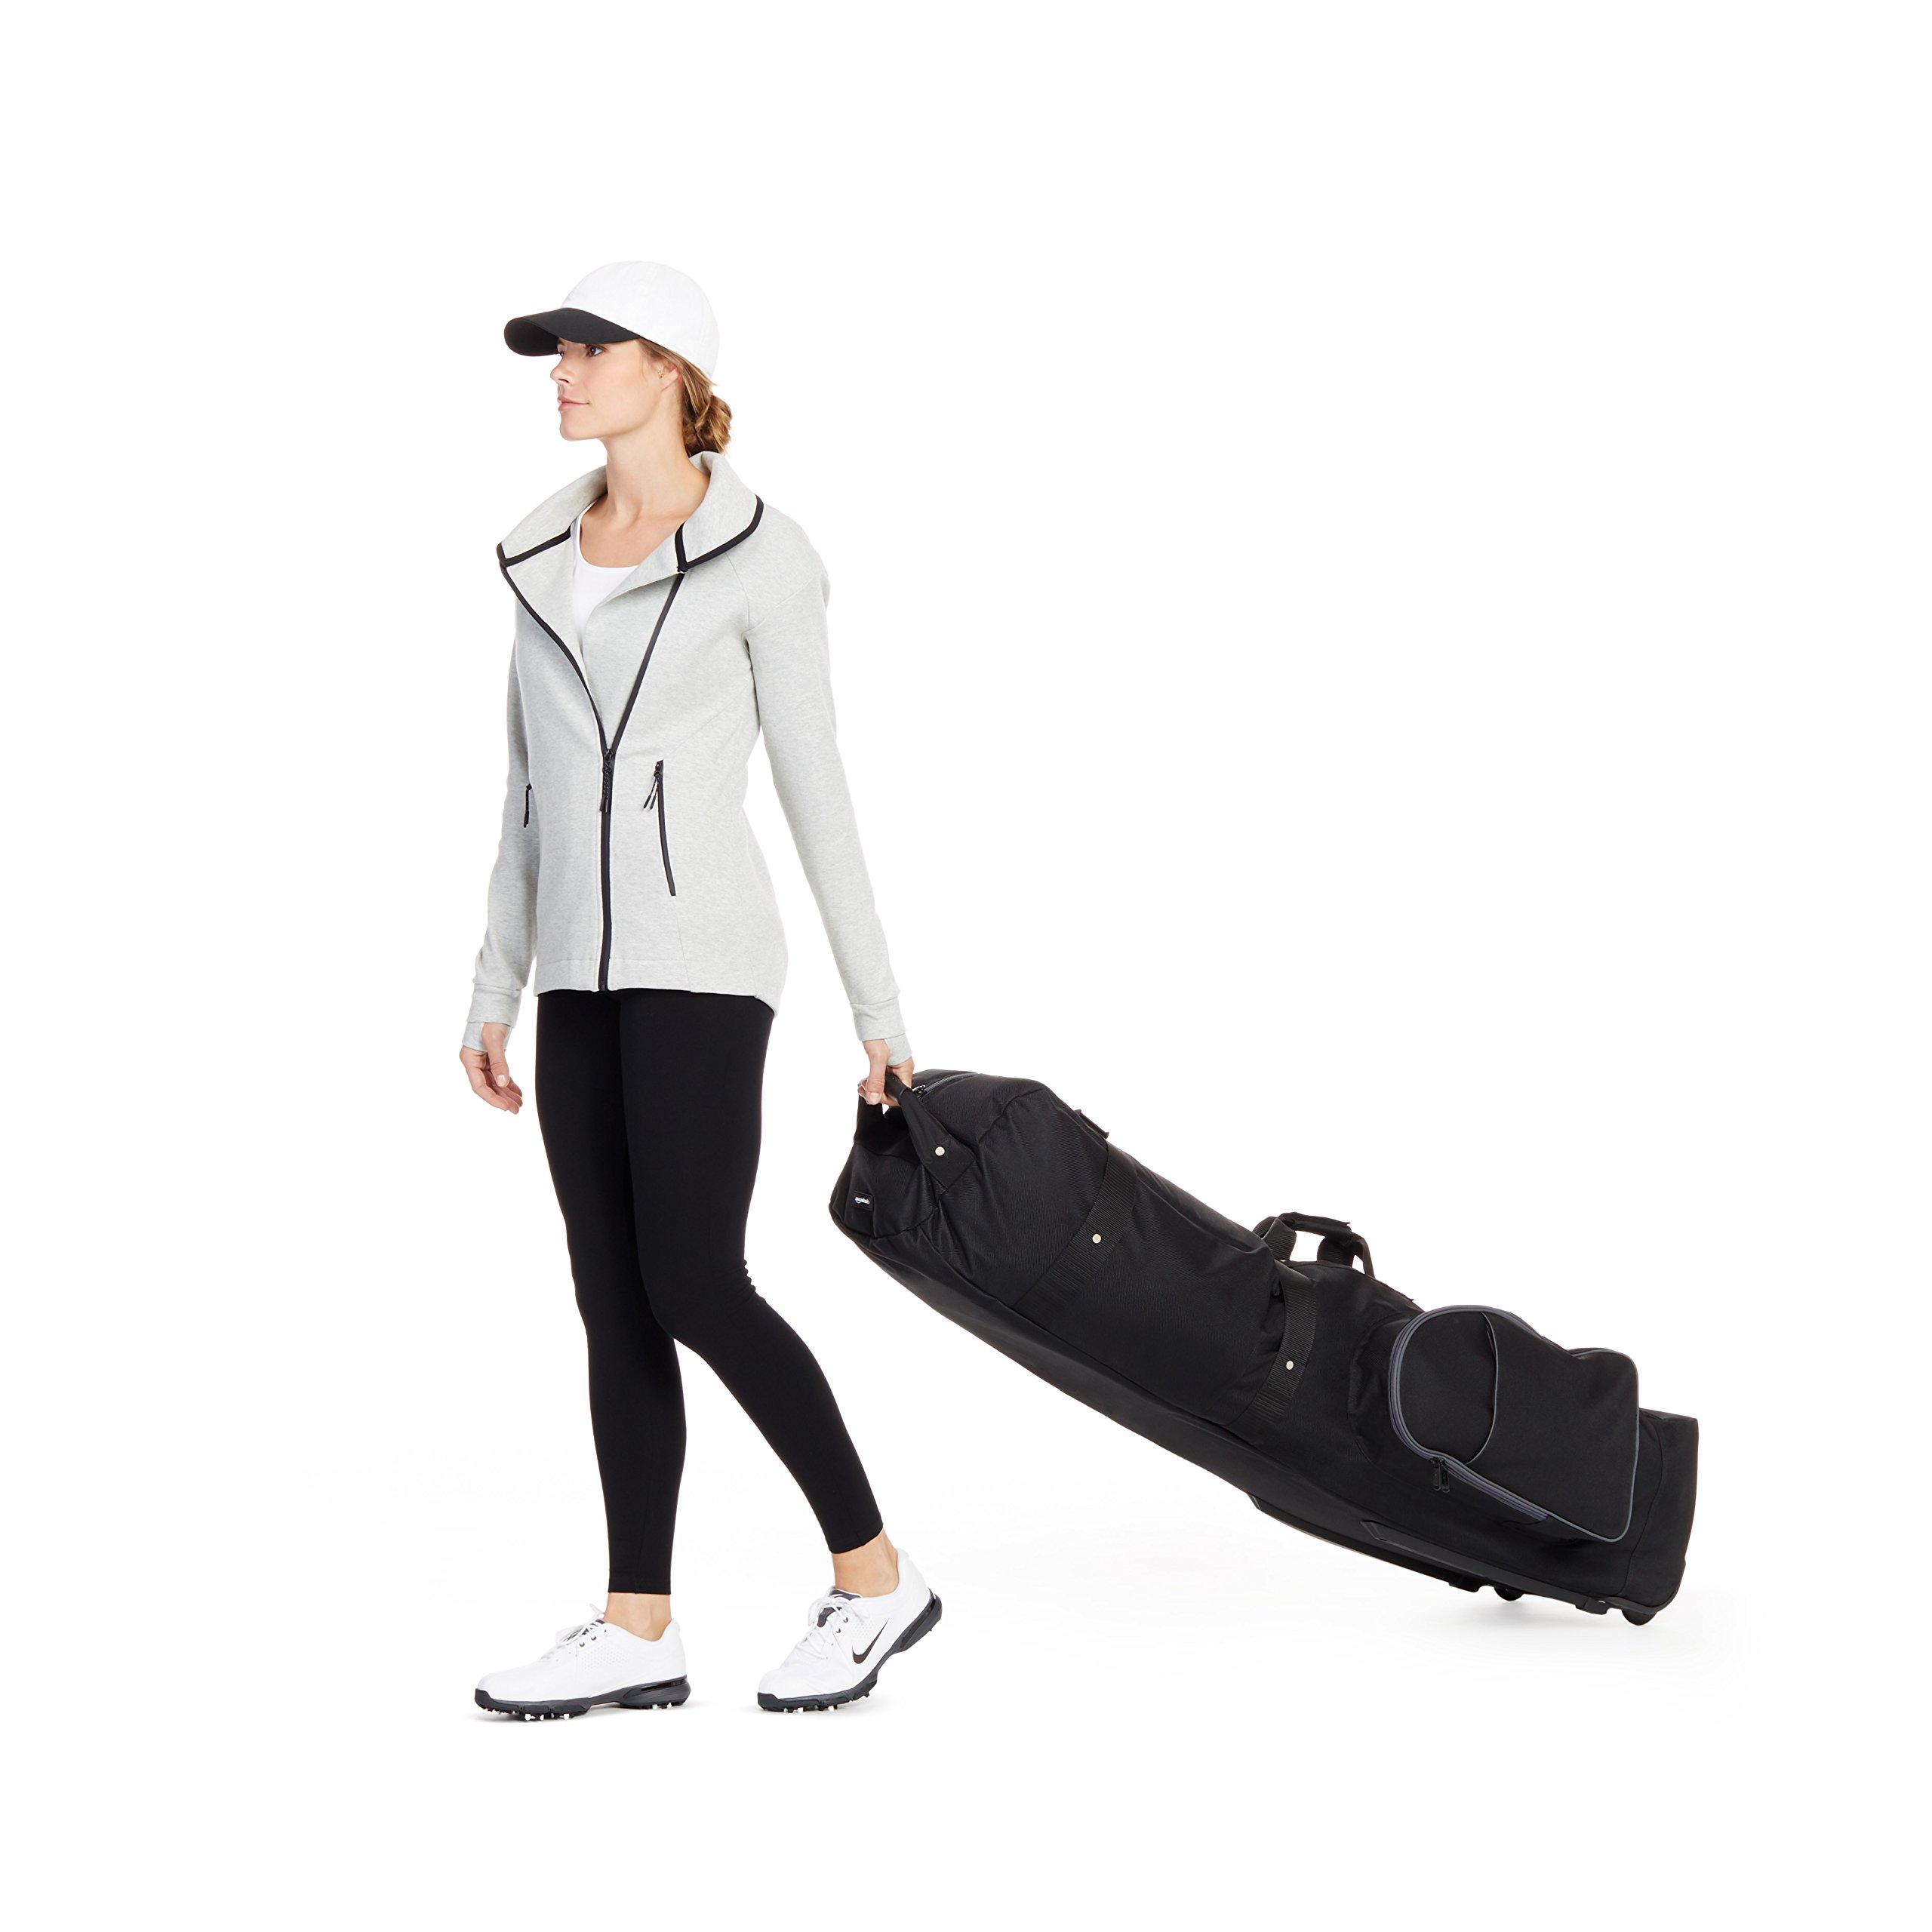 AmazonBasics Soft-Sided Golf Travel Bag by AmazonBasics (Image #2)